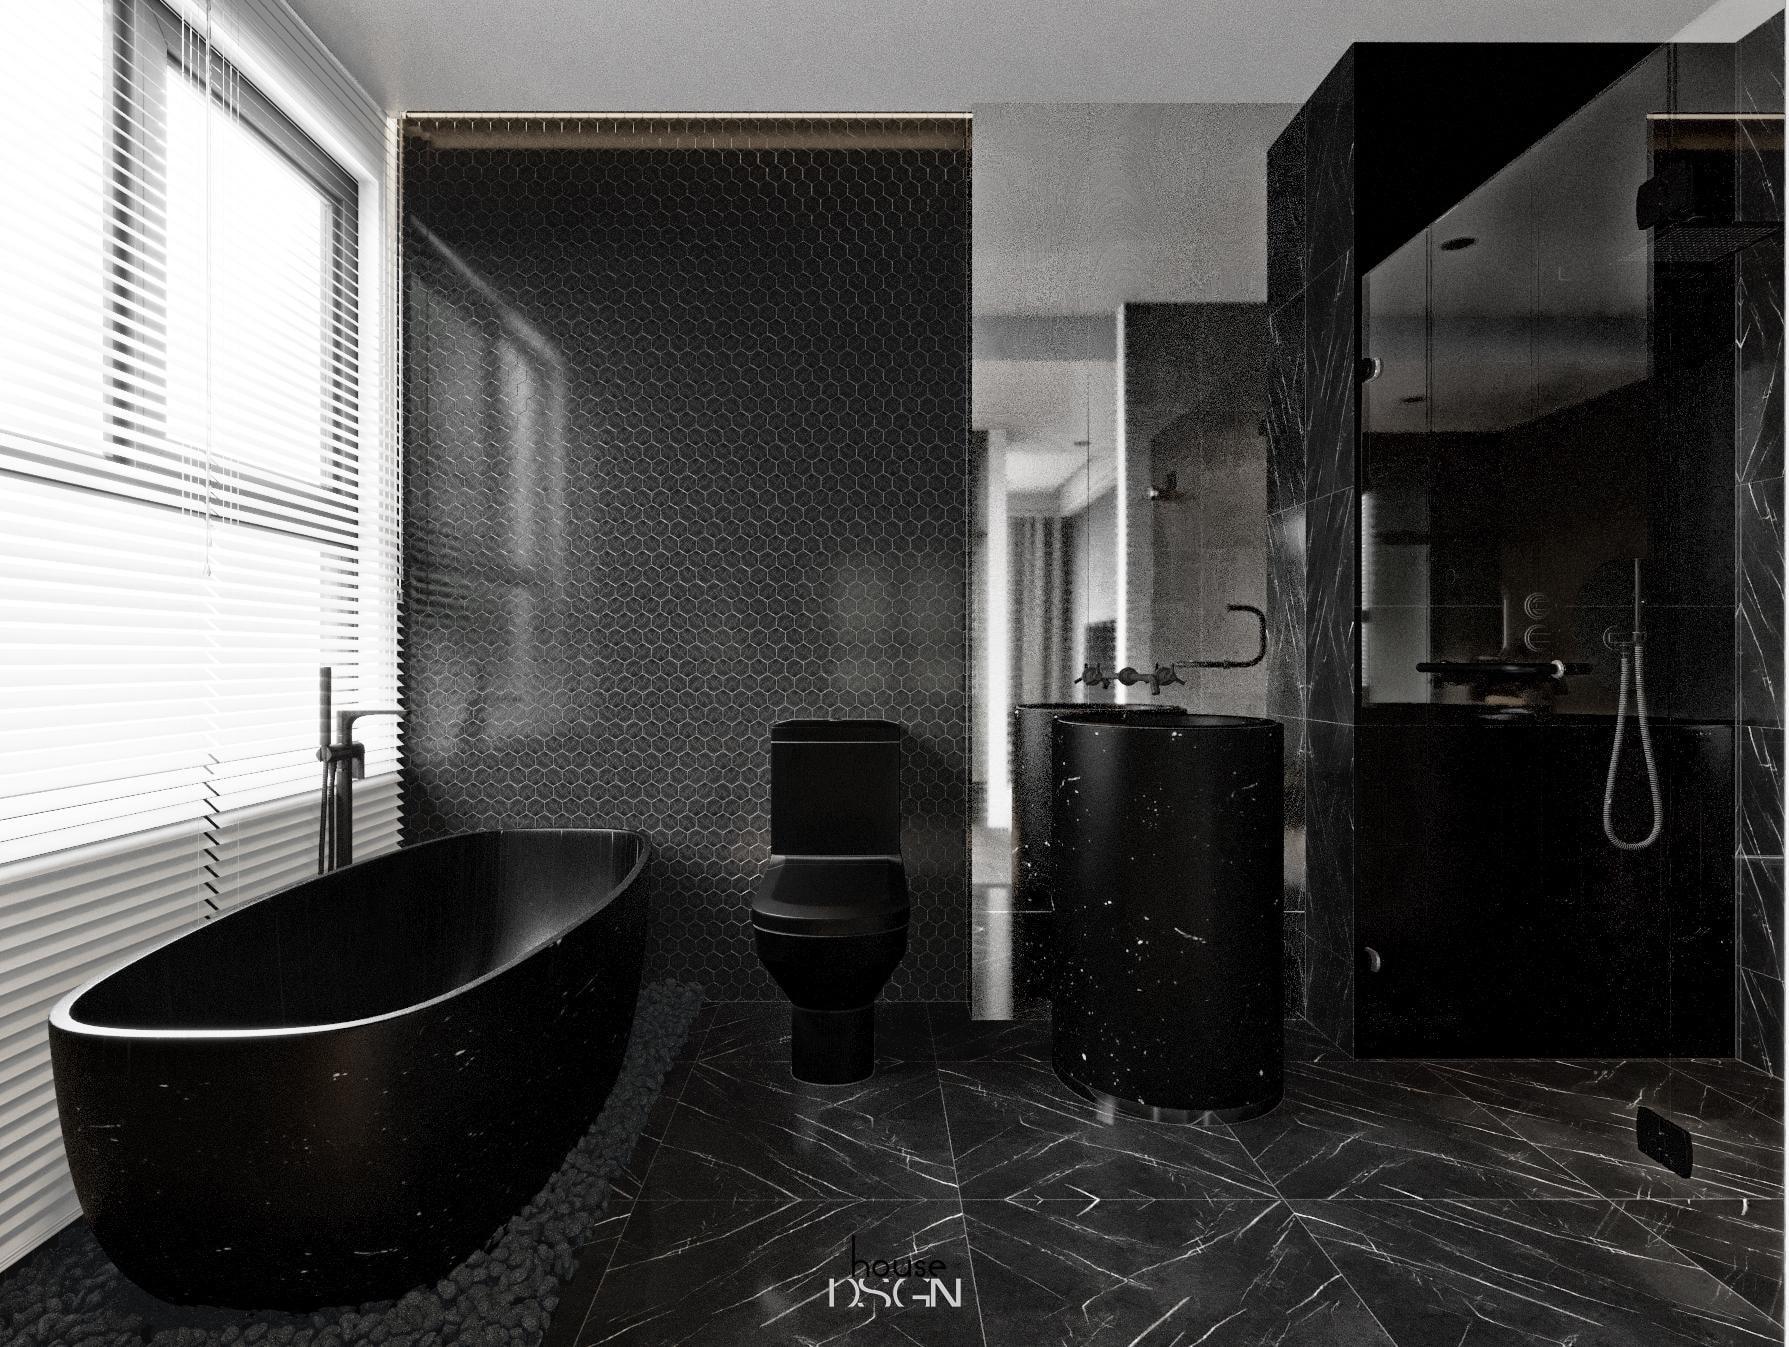 mẫu phong cách nội thất biệt thự cho phòng tắm